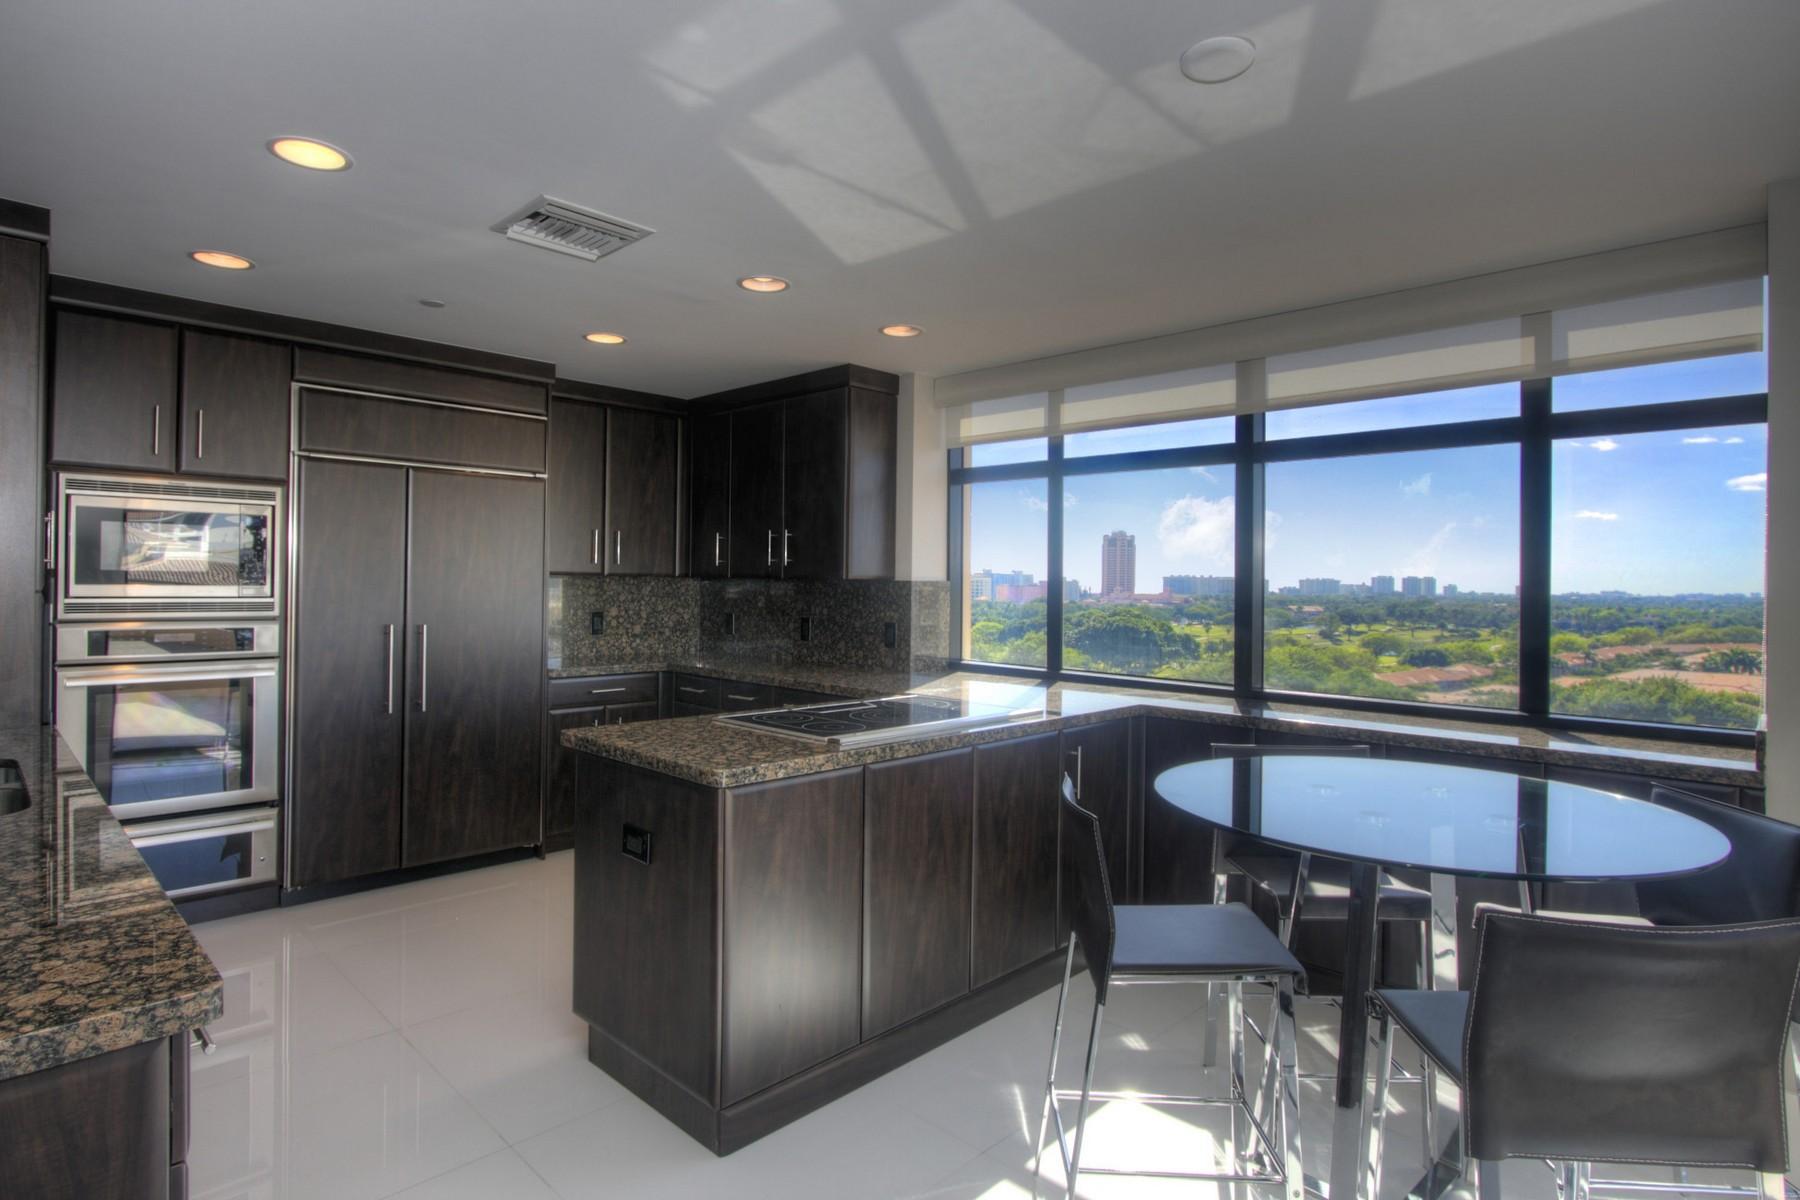 Condominium for Sale at 200 E Palmetto Park Rd , Ph-2, Boca Raton, FL 3343 200 E Palmetto Park Rd Ph-2 Boca Raton, Florida, 33432 United States